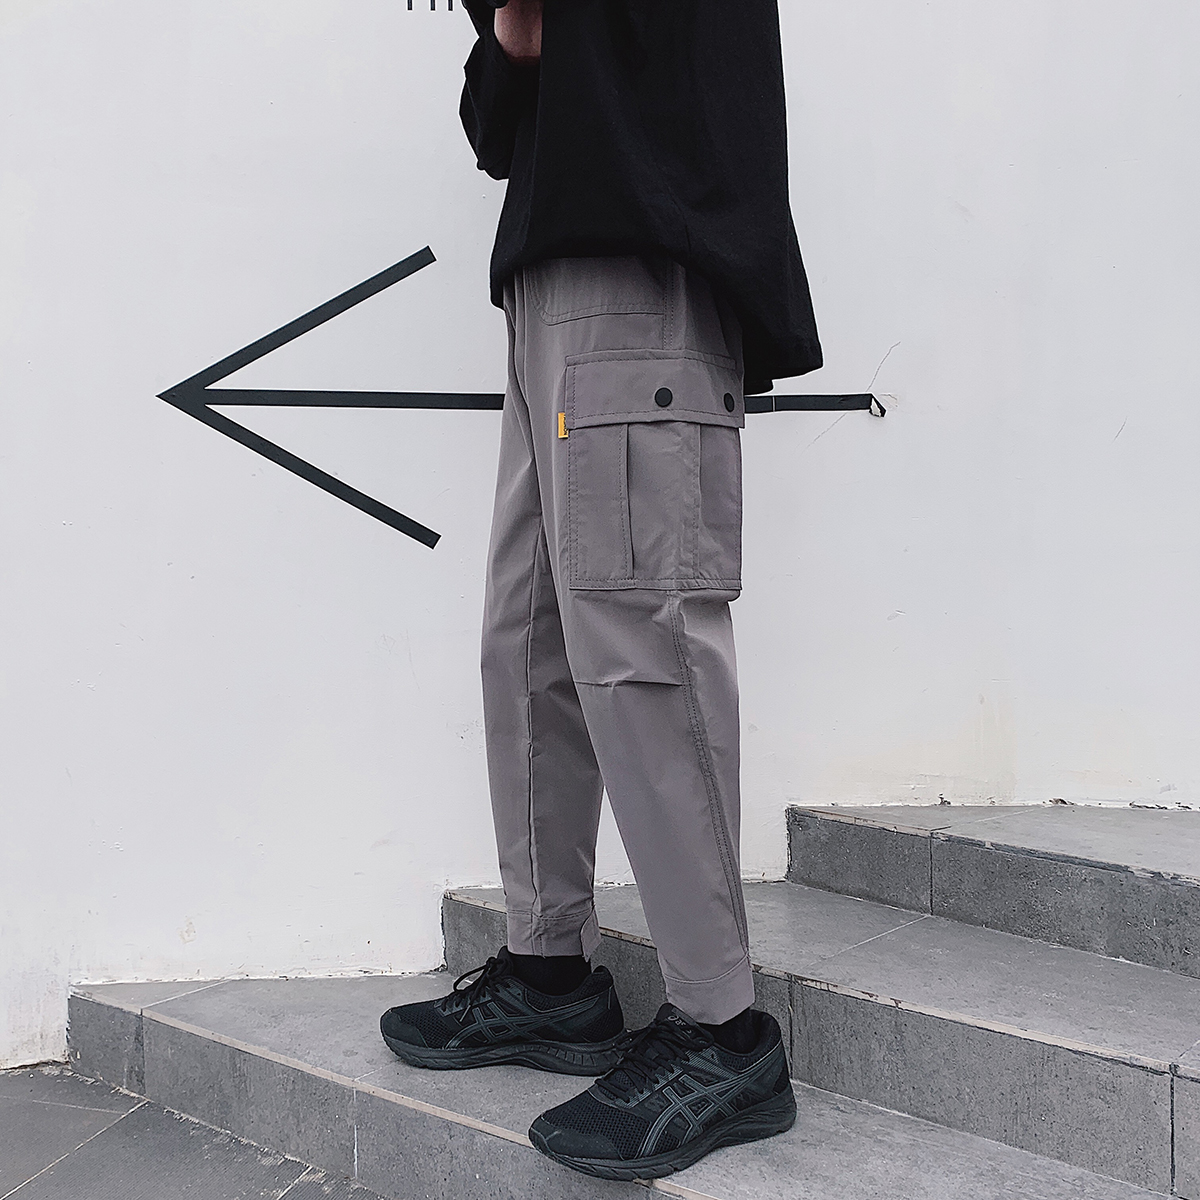 秋季男士潮流工装休闲裤潮牌宽松九分裤子 DSA365-CK04-P60控价78